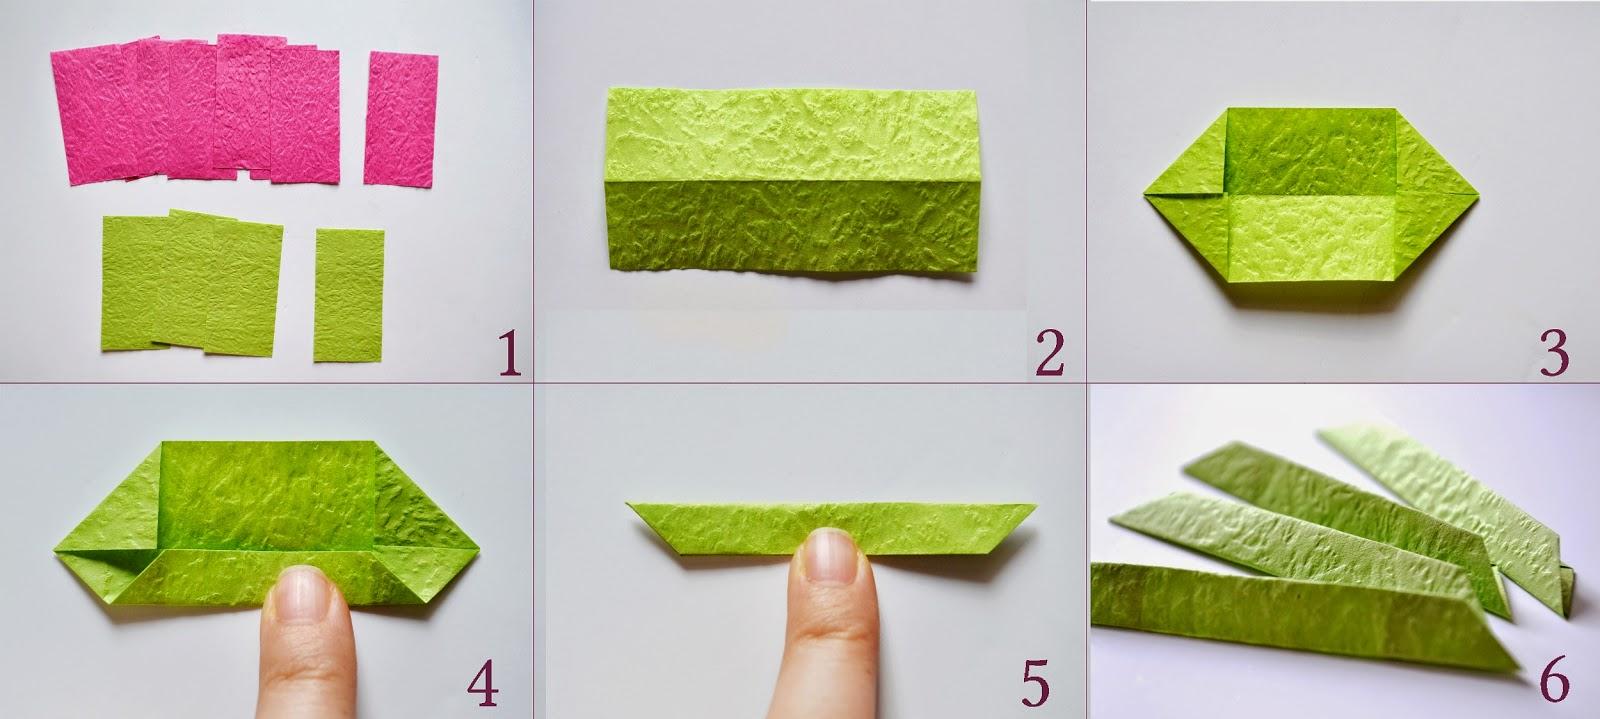 Лотос оригами-складываем зеленый модуль